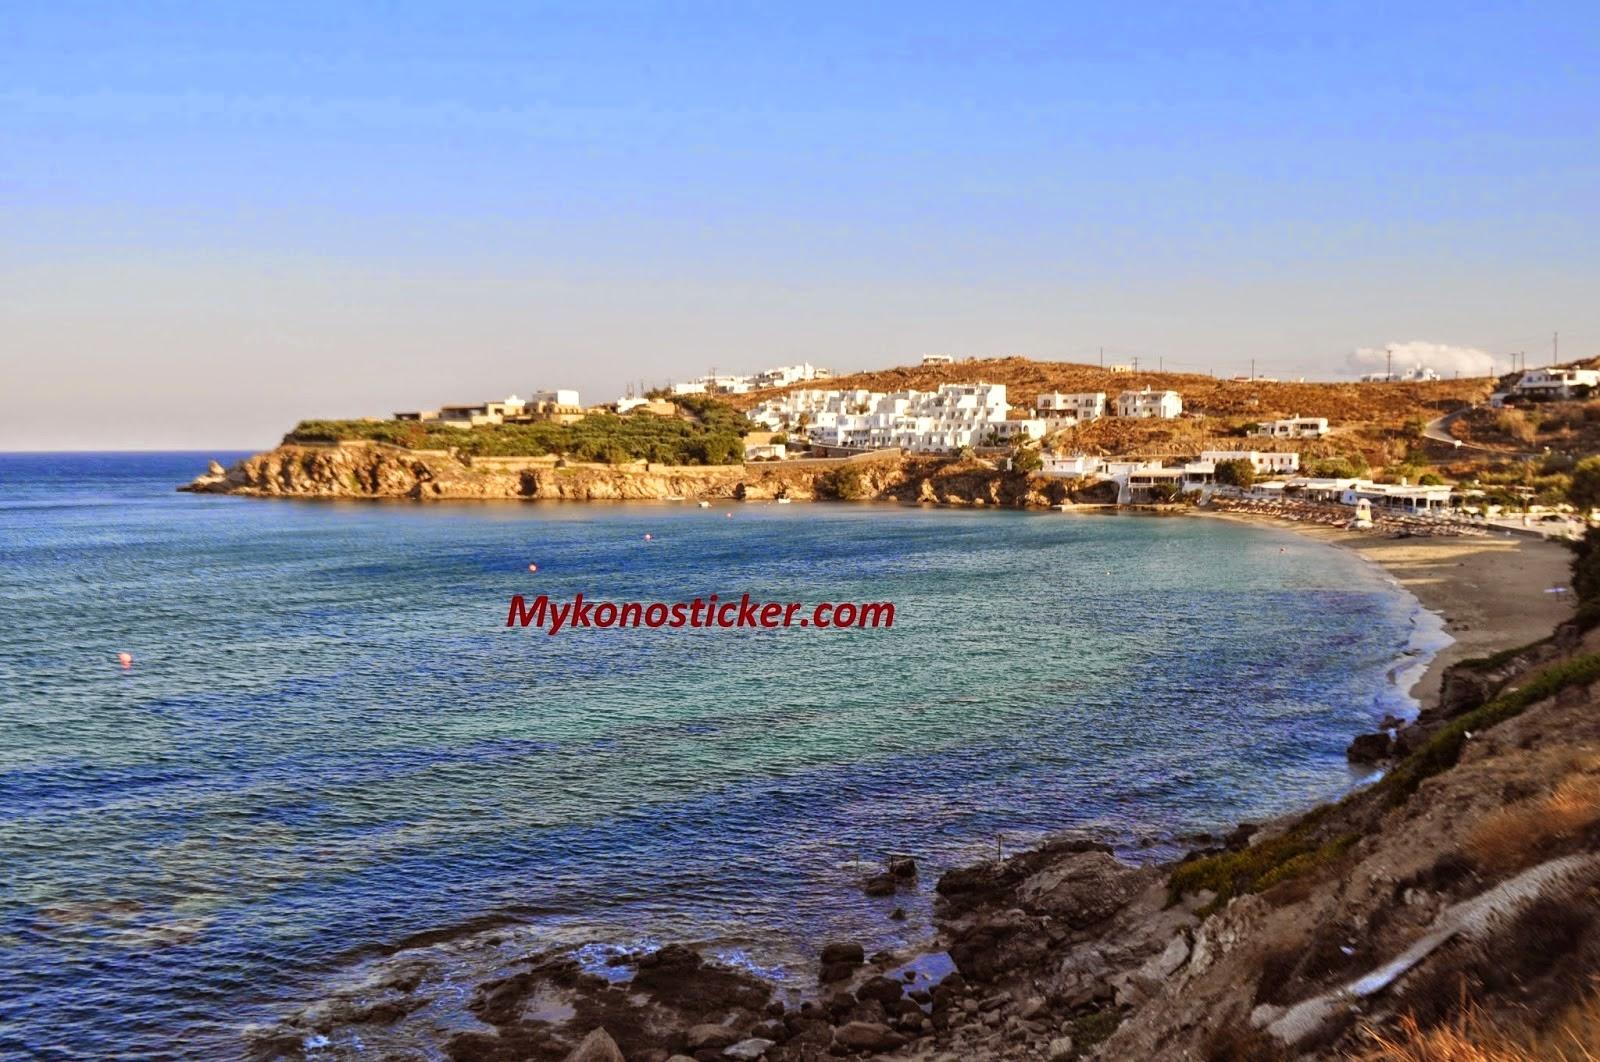 Αιγιαλός: Tι αλλάζει στη χρήση της παραλίας- Έρχονται έλεγχοι